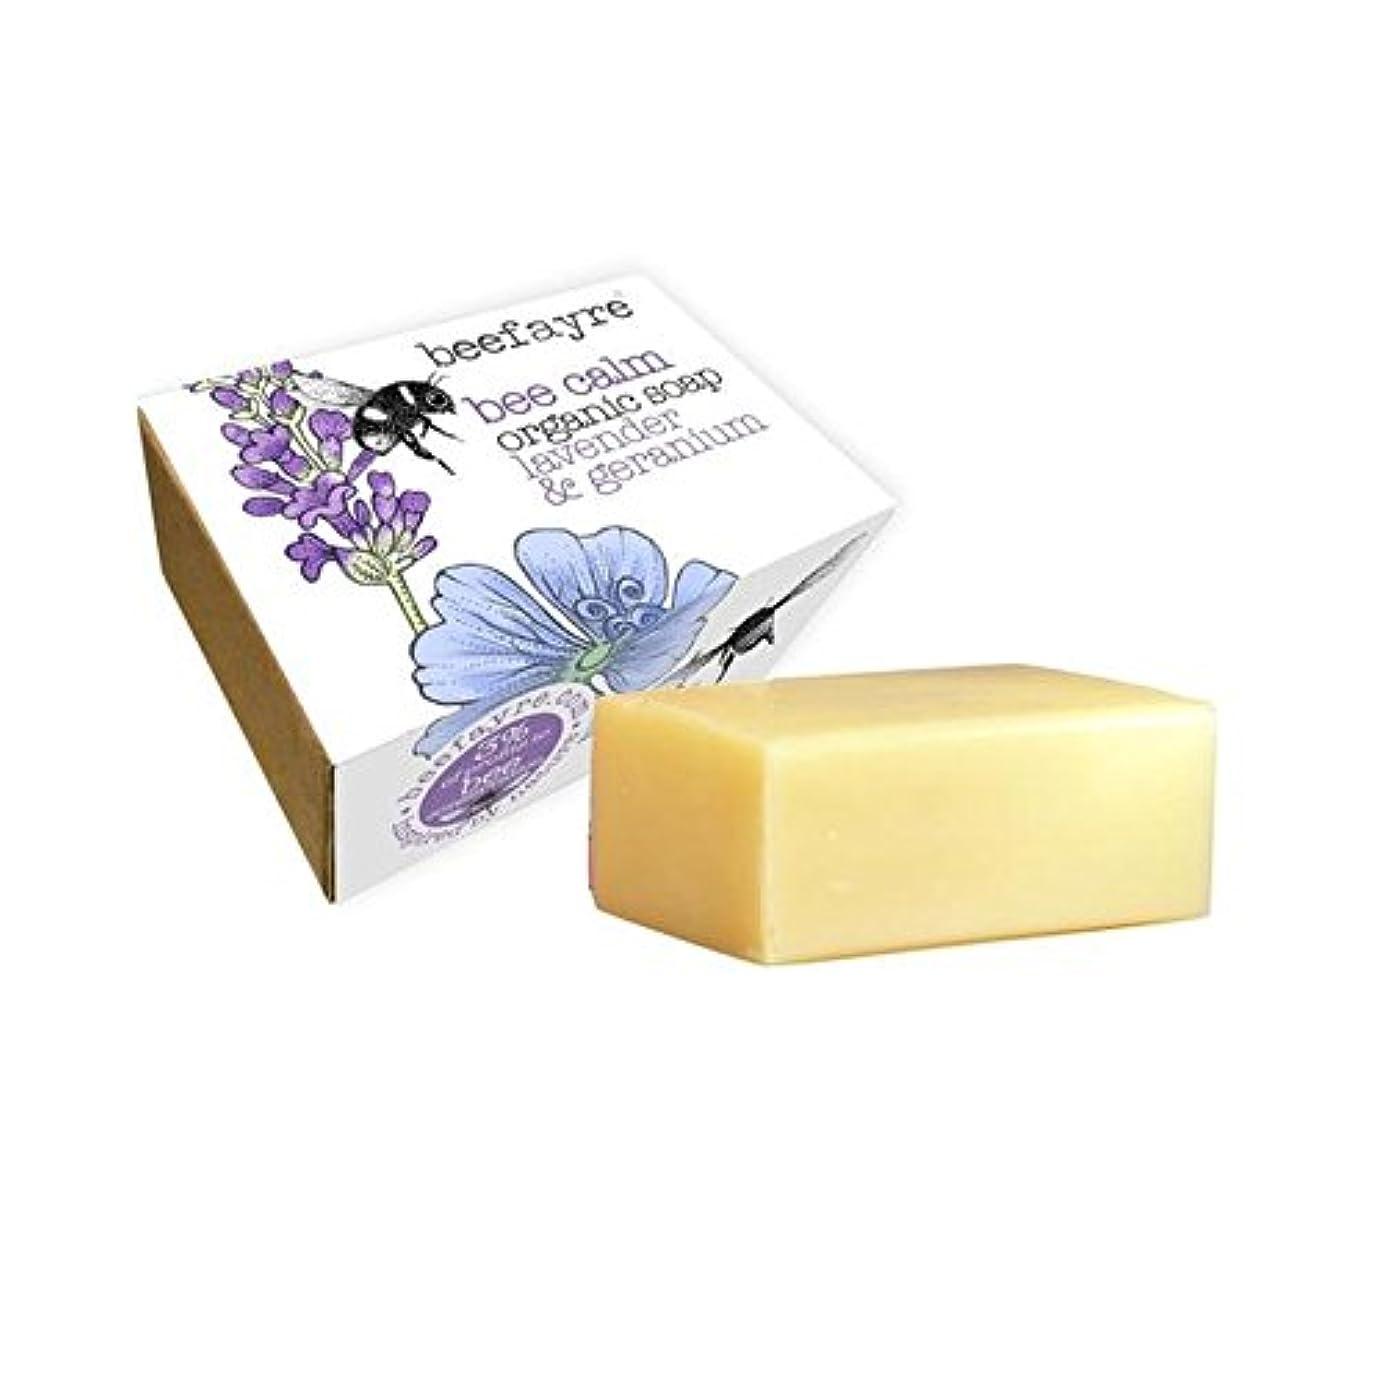 保守可能最小ジャンクBeefayre Organic Geranium & Lavender Soap - 有機ゼラニウム&ラベンダー石鹸 [並行輸入品]